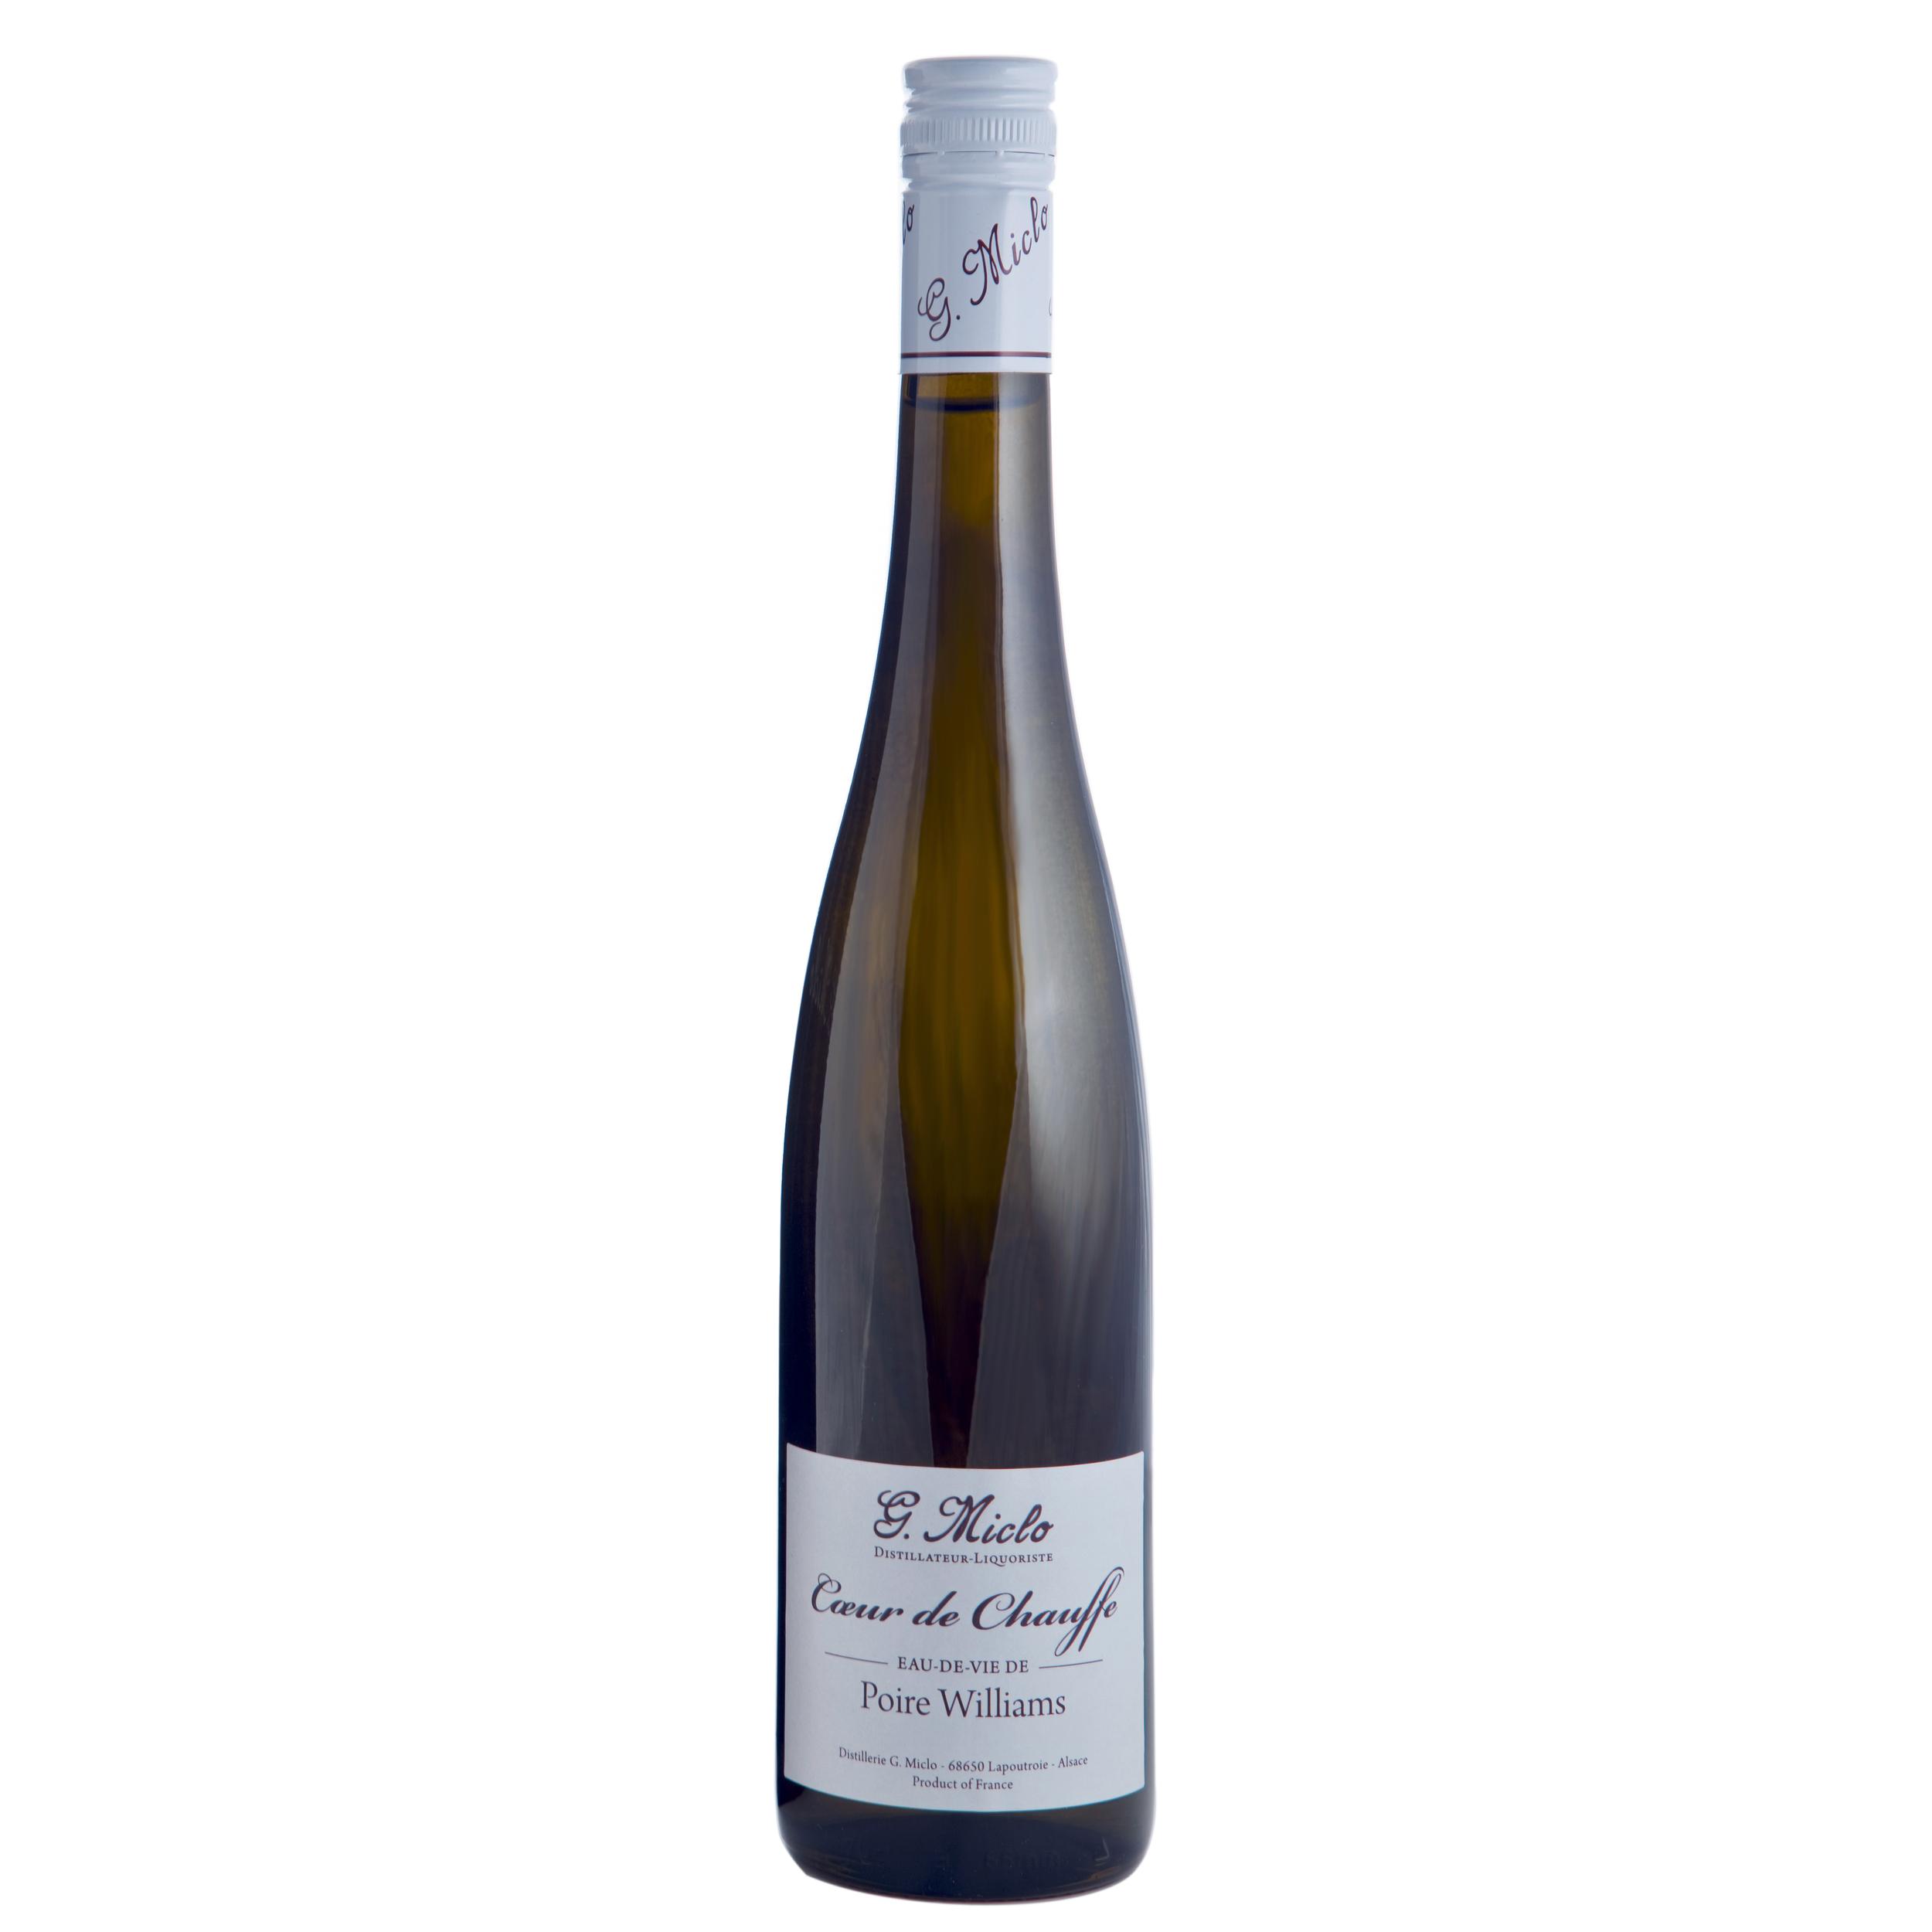 Eau de vie - Poire William - Coeur de Chauffe - Distillerie G. Miclo - 45° - 70cl